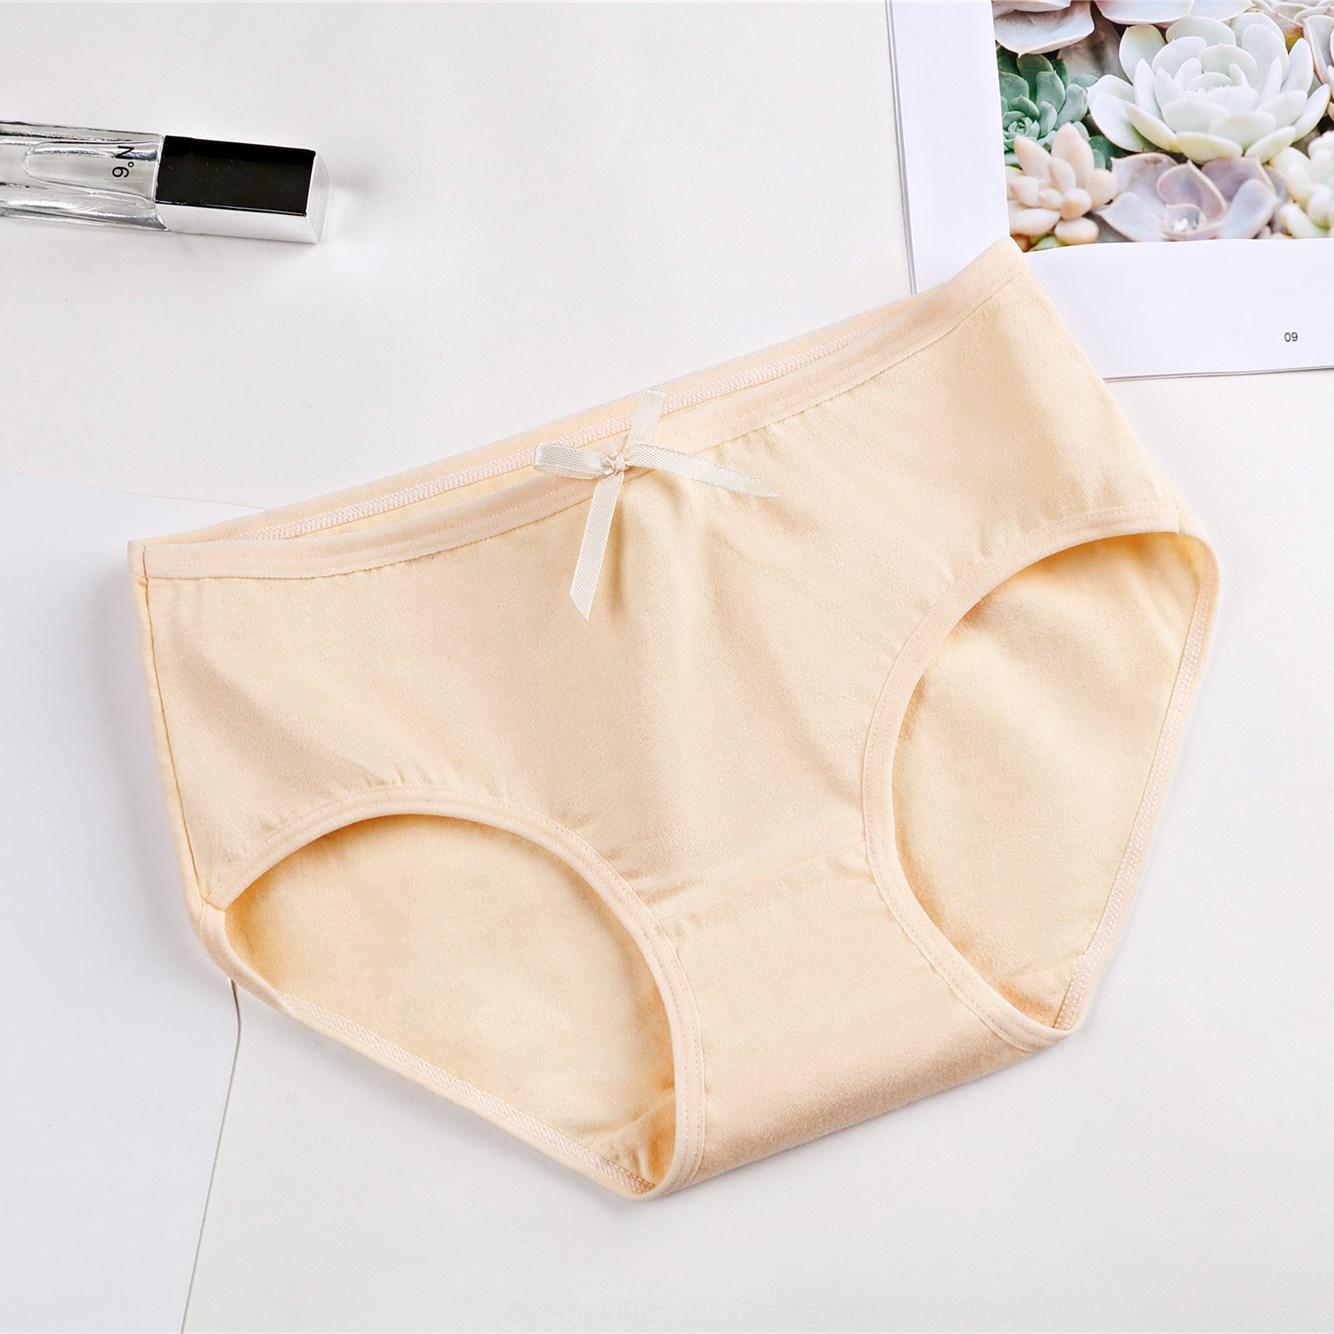 25Mn0 arco de las muchachas niñas y calzoncillos de algodón de la entrepierna de las mujeres pone en cortocircuito breifs Breifs de las mujeres de cintura baja linda 'tela de algodón Nuevos' escritos